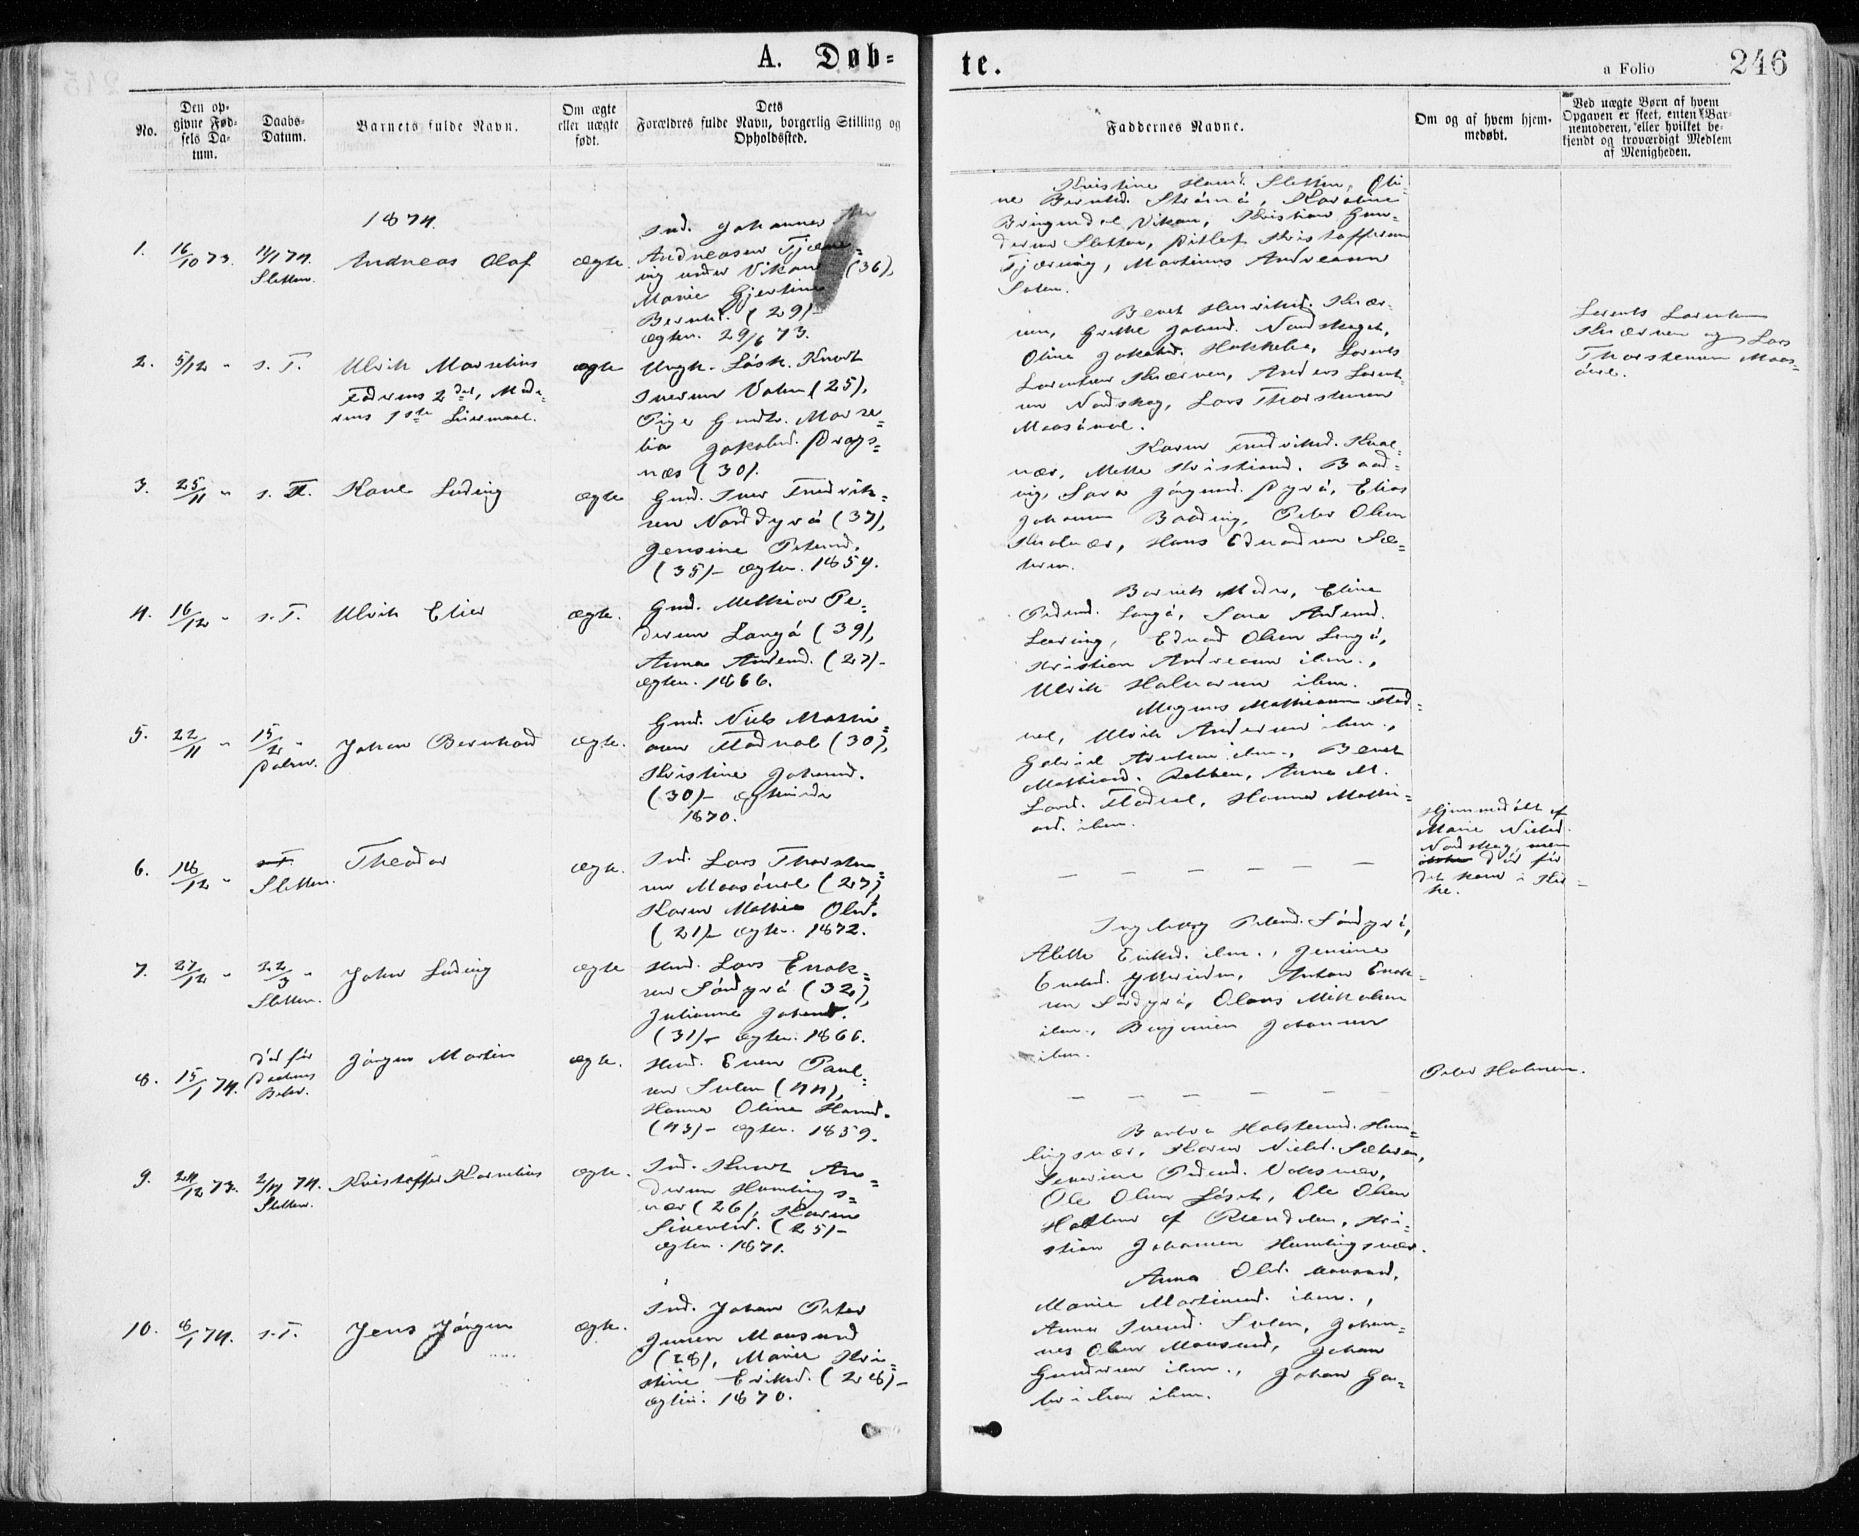 SAT, Ministerialprotokoller, klokkerbøker og fødselsregistre - Sør-Trøndelag, 640/L0576: Ministerialbok nr. 640A01, 1846-1876, s. 246